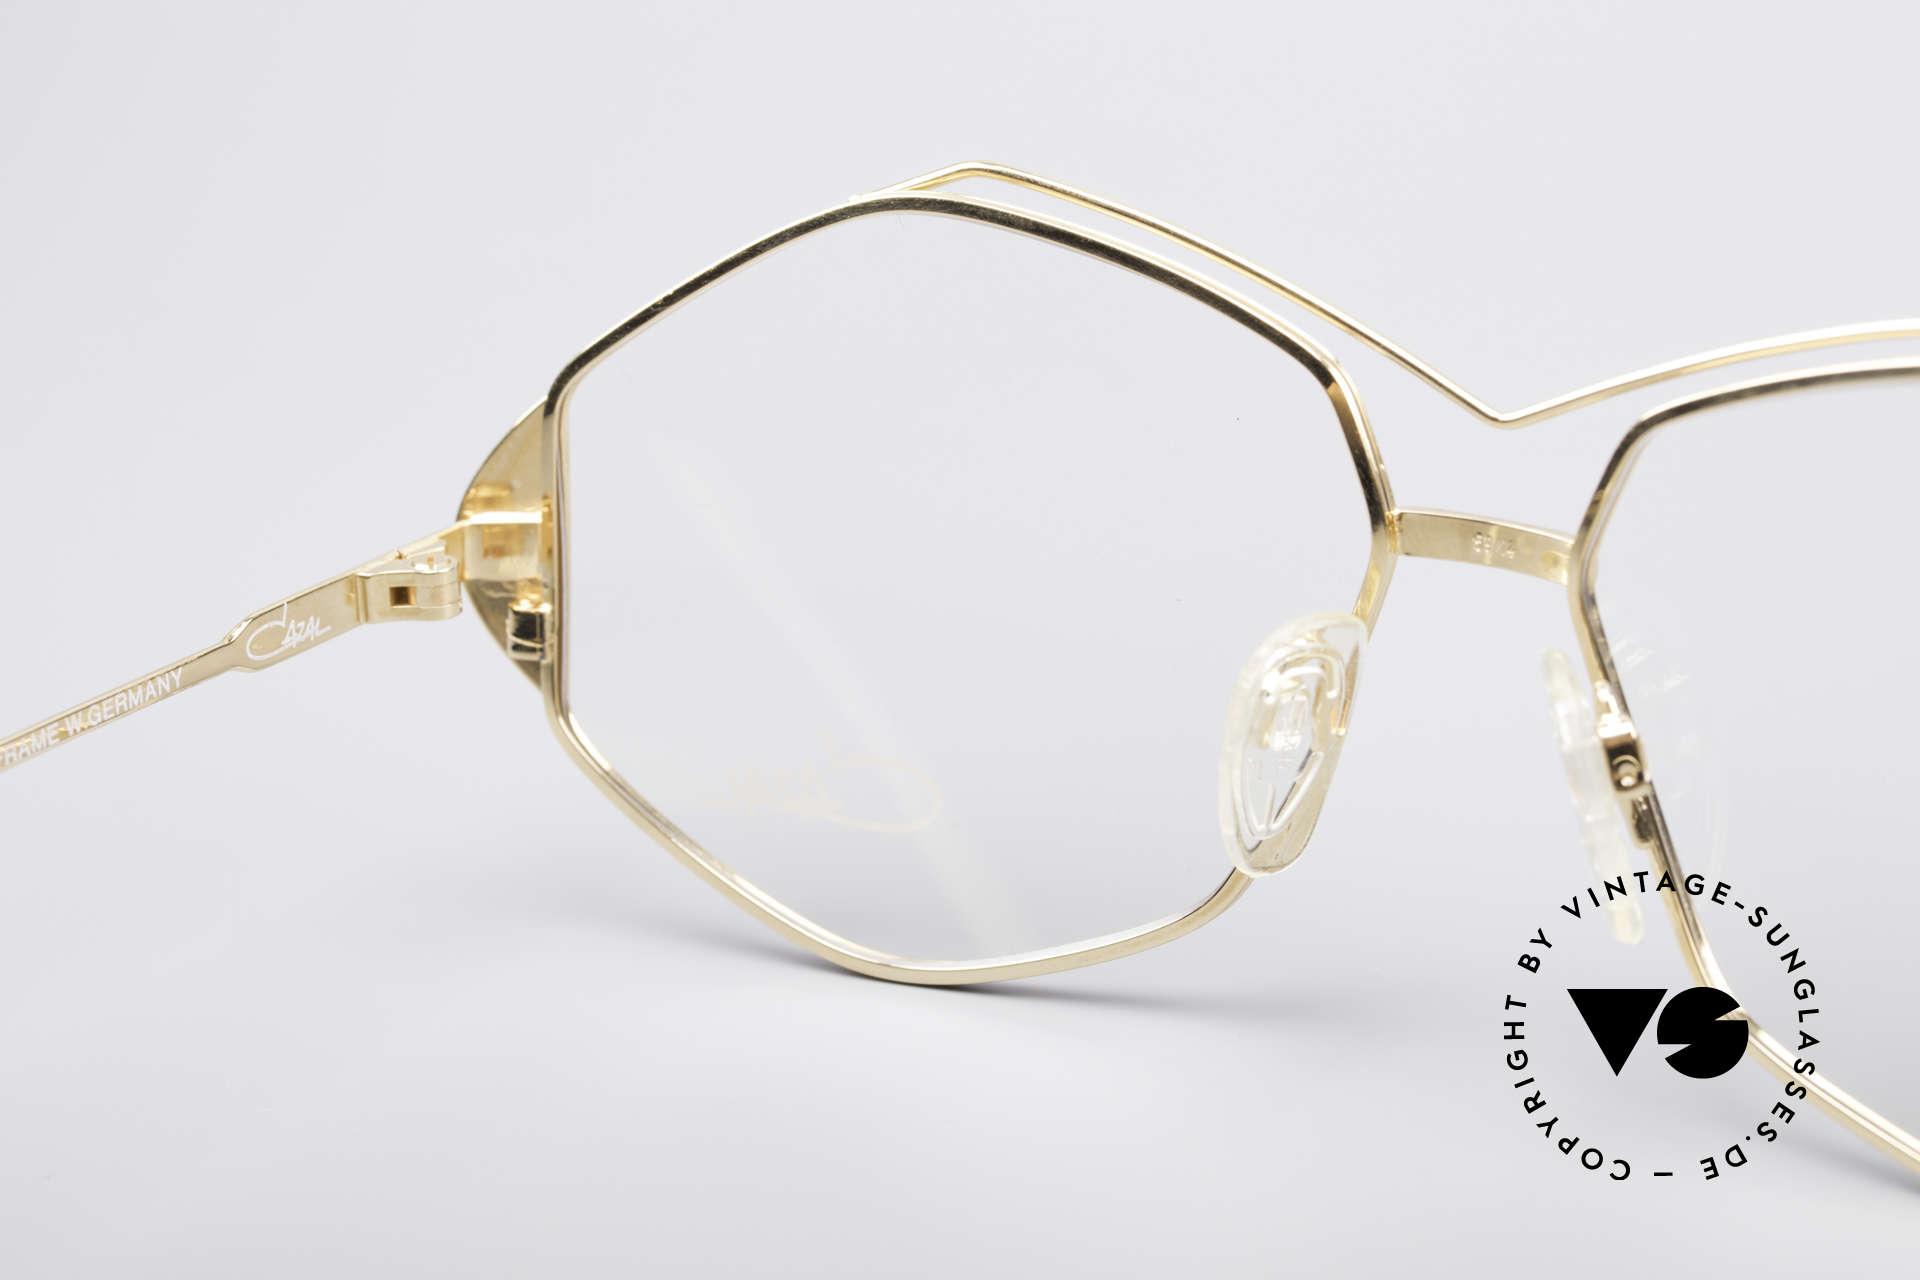 Cazal 233 Vintage West Germany Brille, Fassung ist für optische (Sonnen)gläser geeignet, Passend für Damen